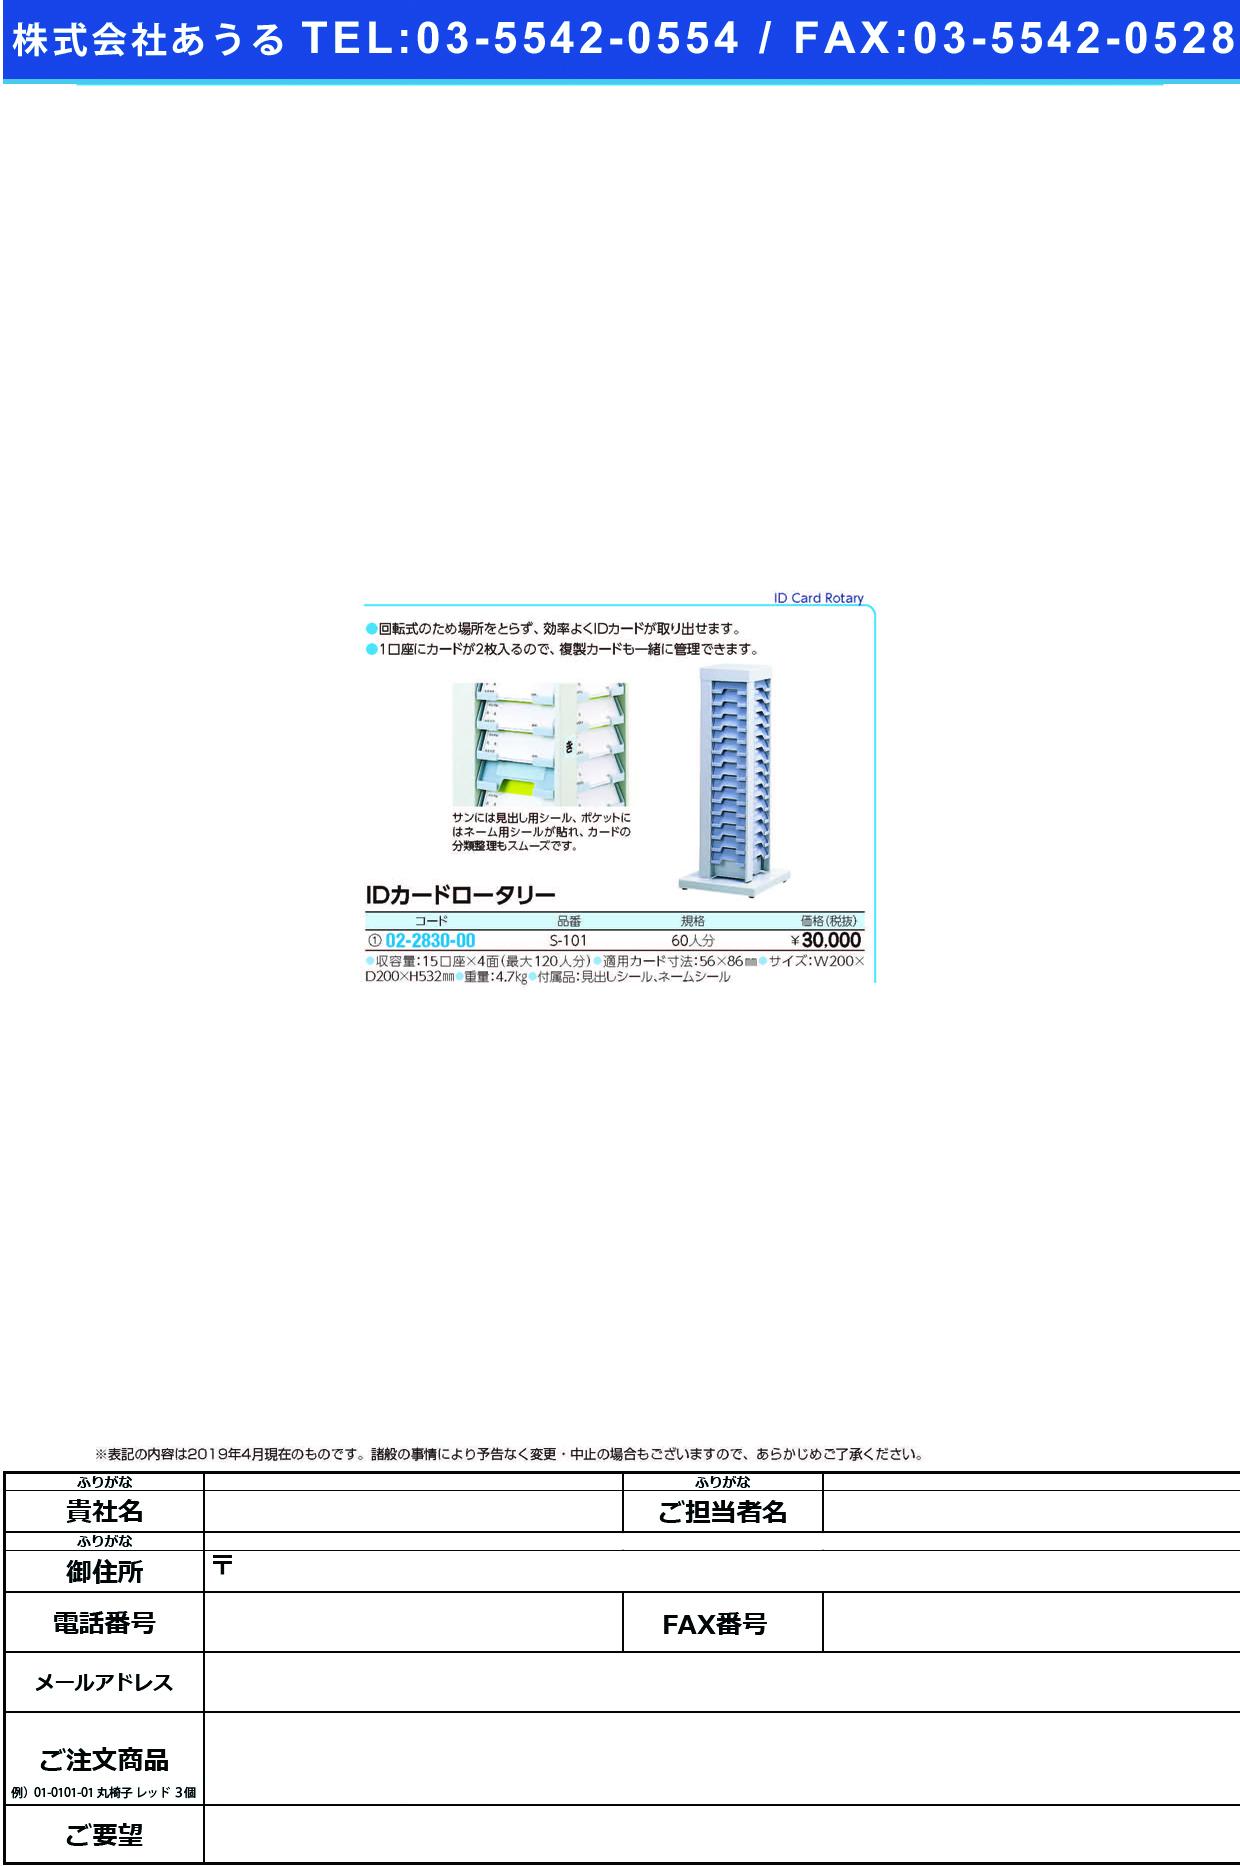 (02-2830-00)IDカードロータリー(60口座) S-101 IDカードロータリー(60コウザ)(LIHITLAB.)【1台単位】【2019年カタログ商品】